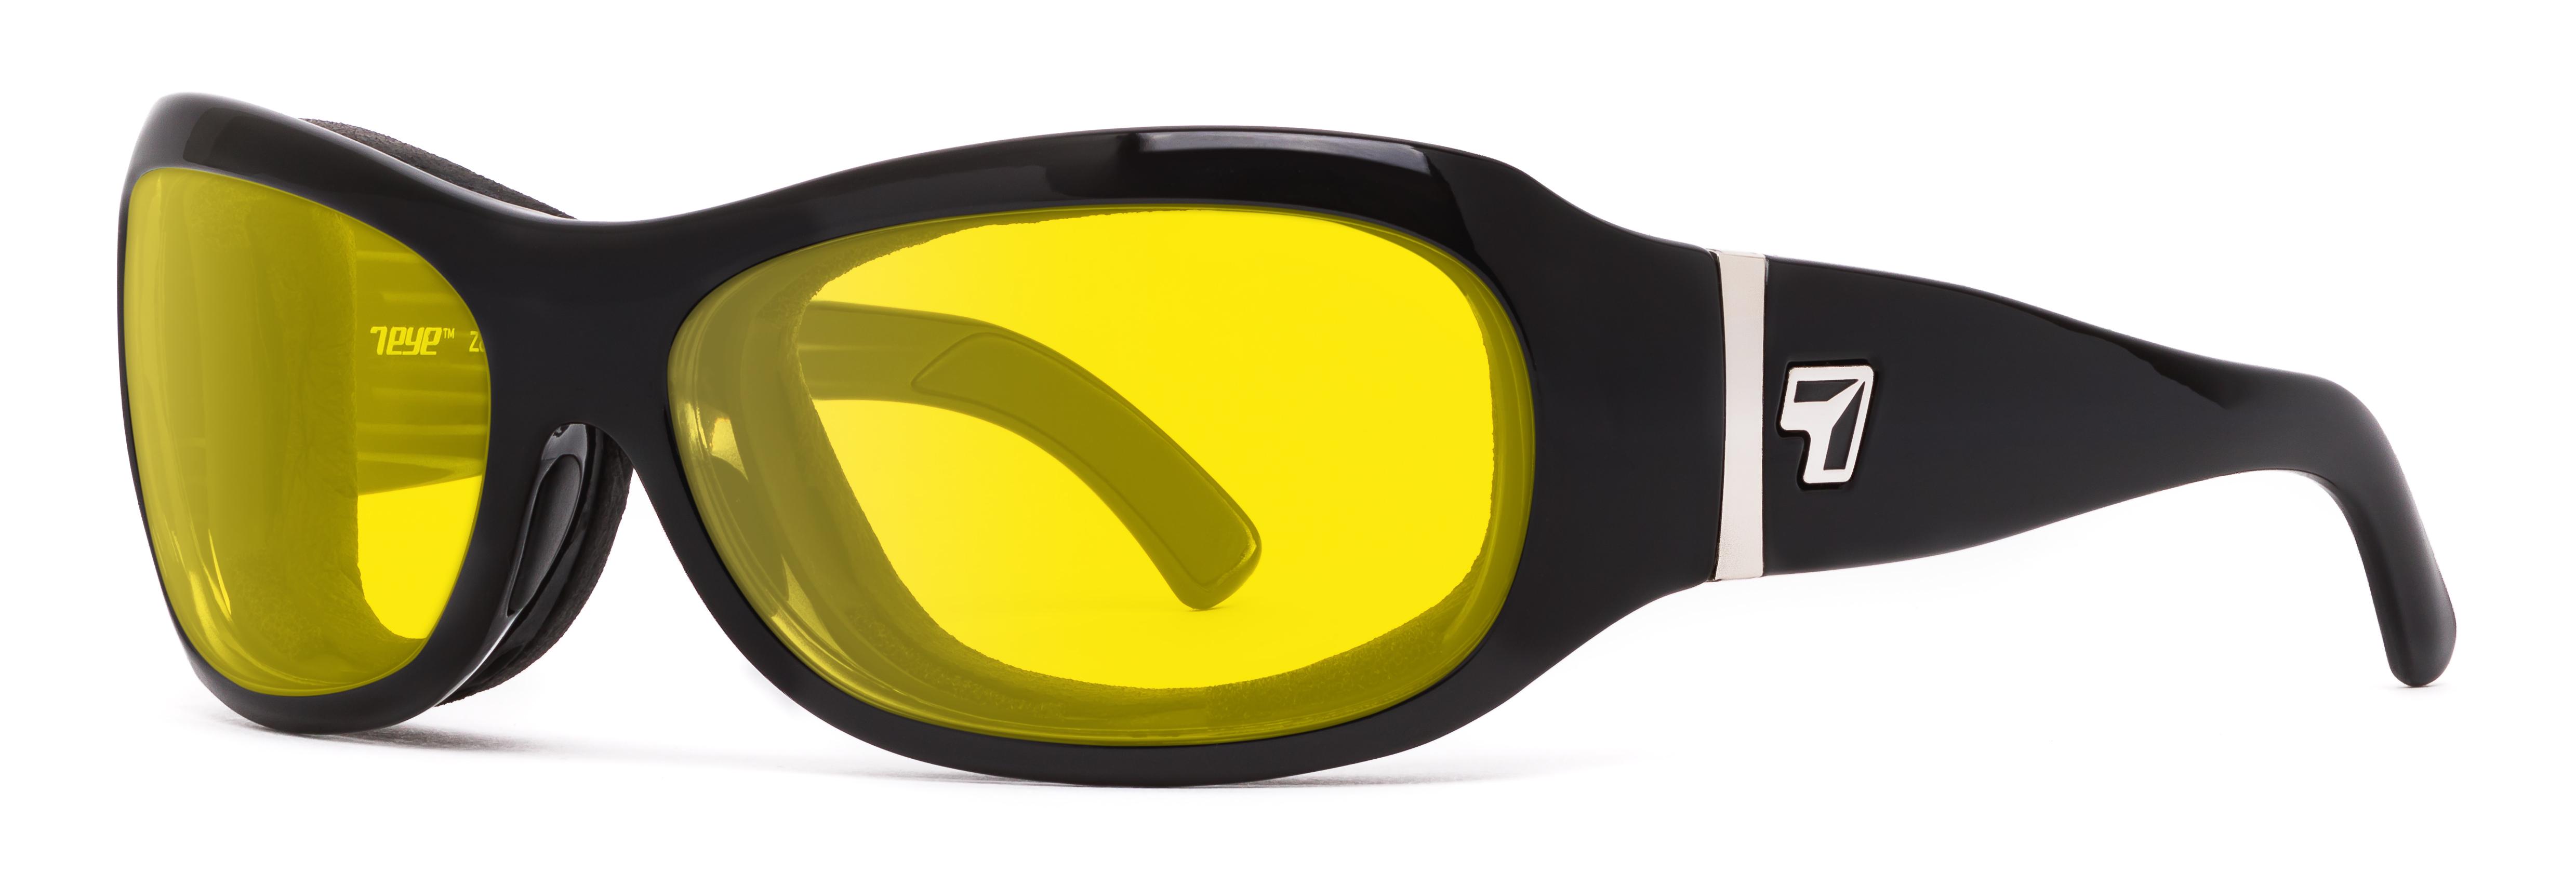 ea25e4e43e2 7 Eye Briza Sunglasses